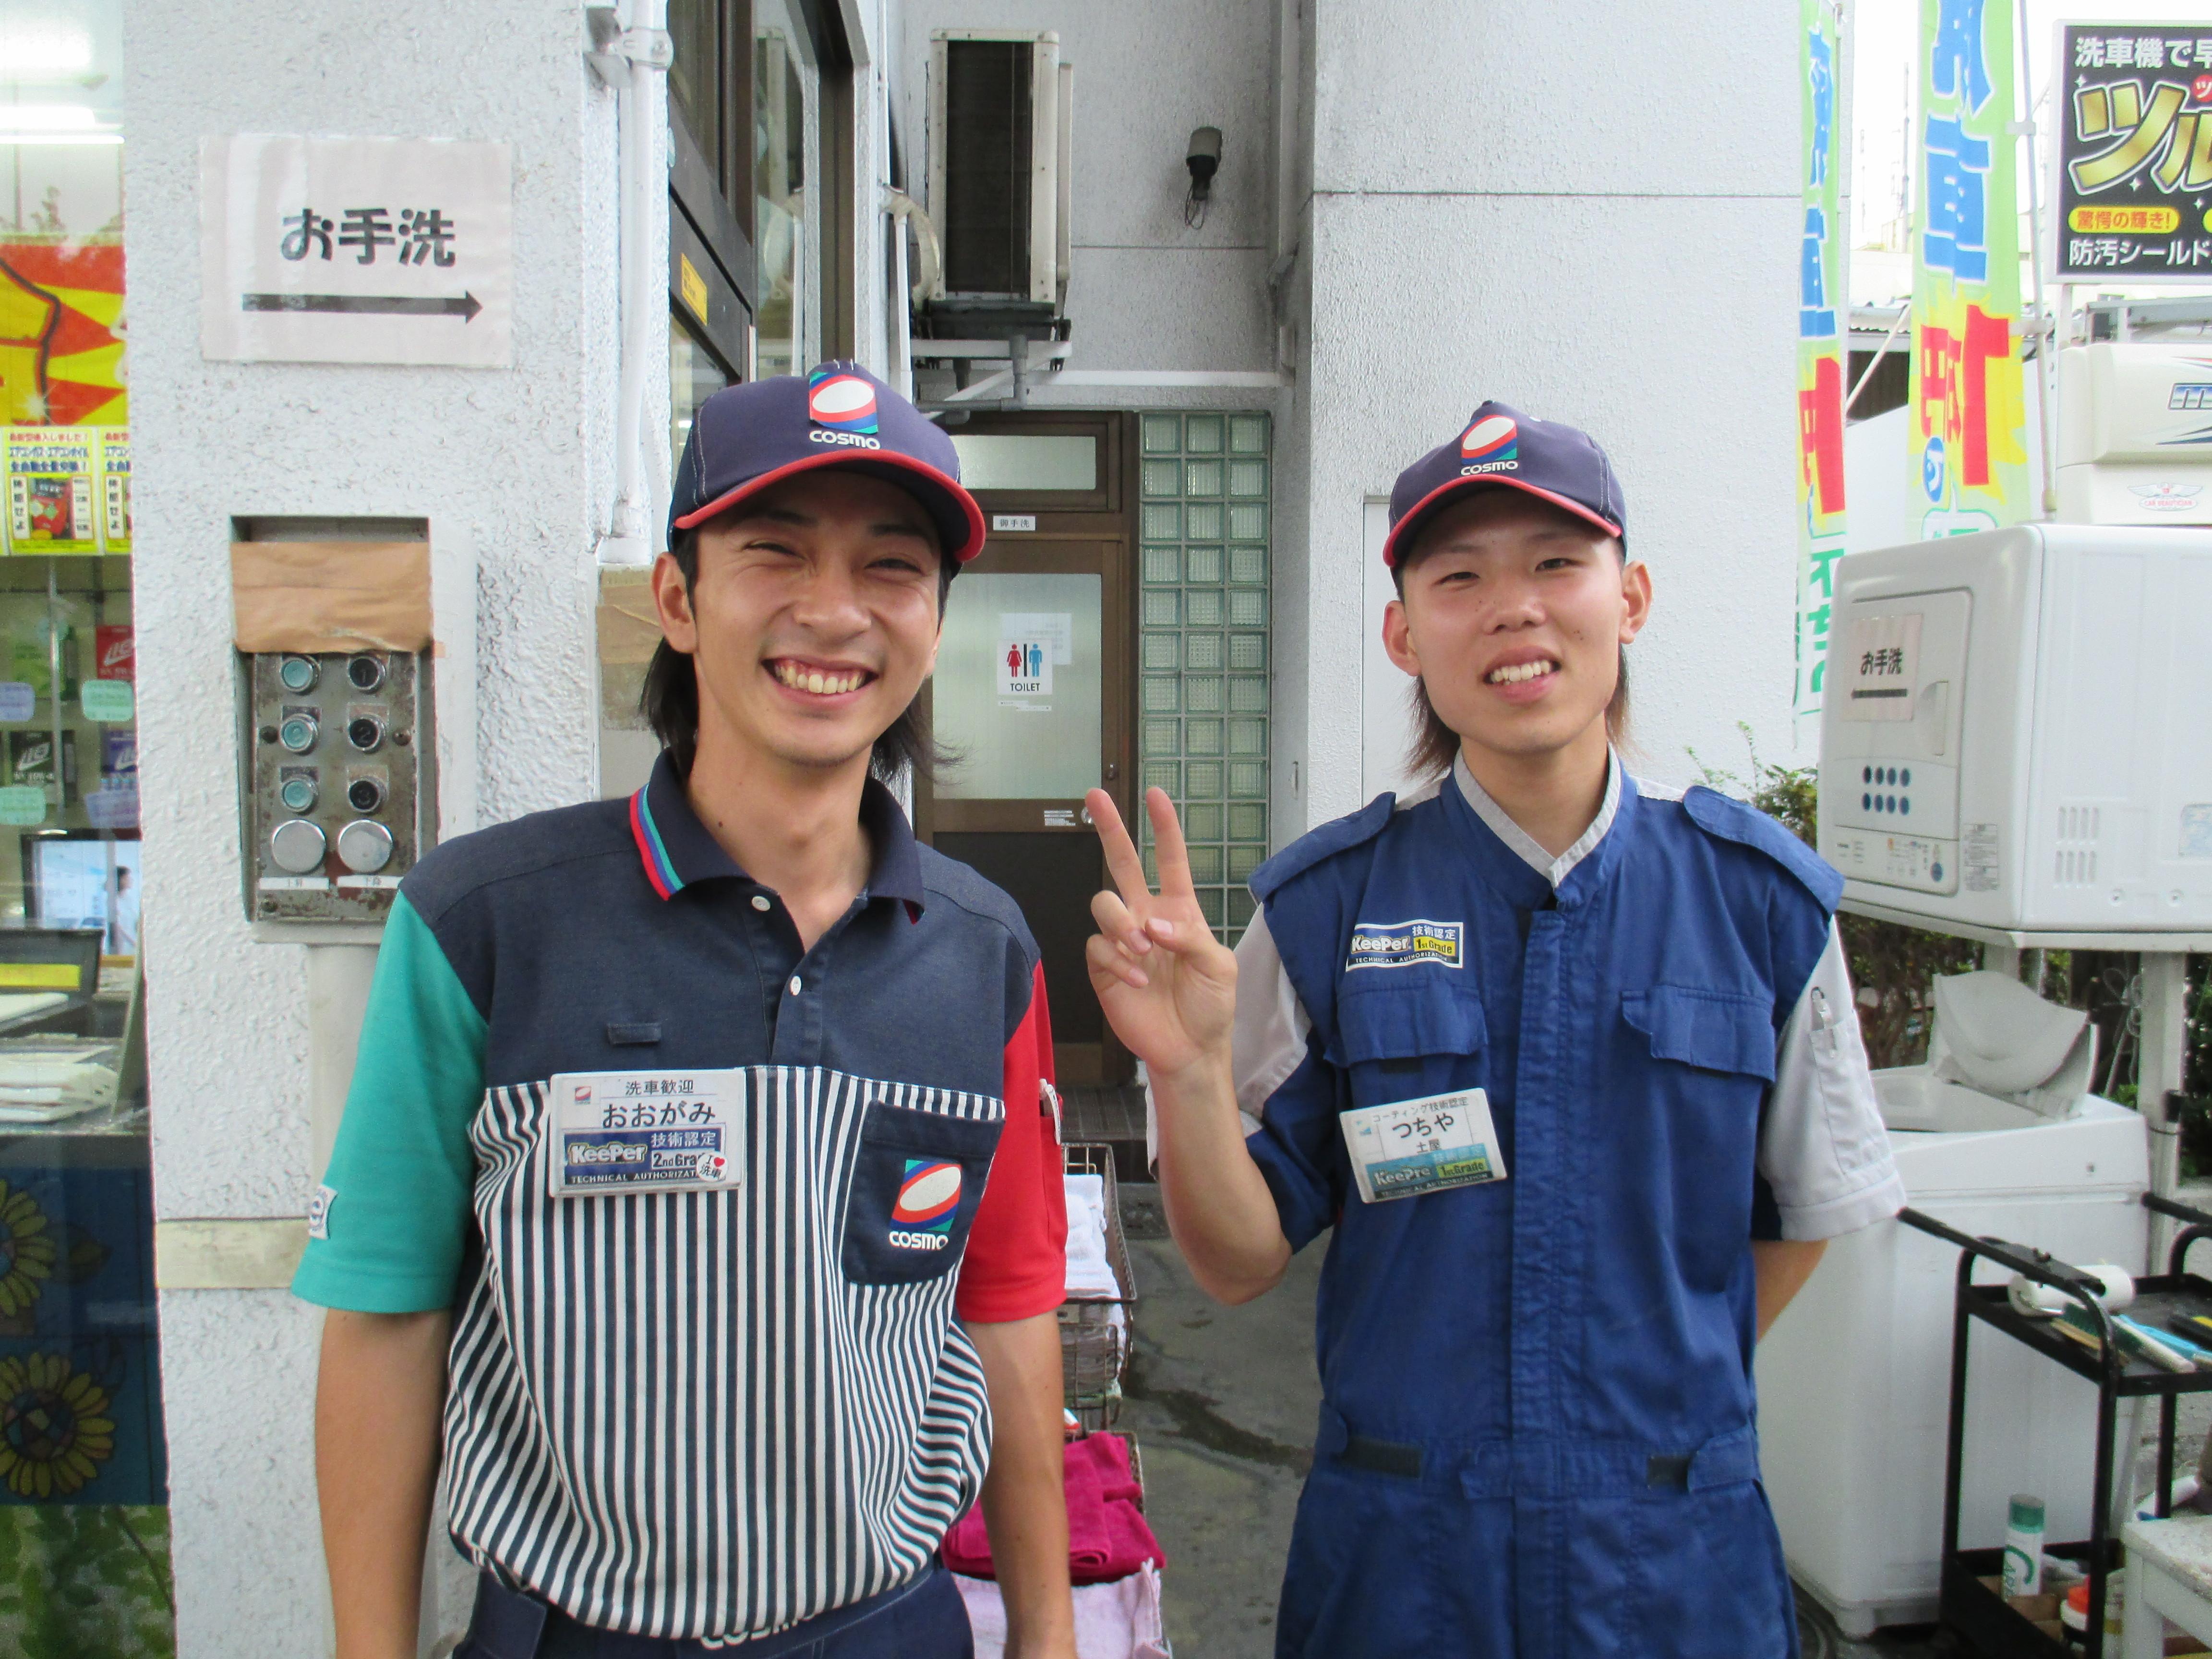 コスモ石油 戸田笹目SS(大興石油株式会社)のアルバイト情報